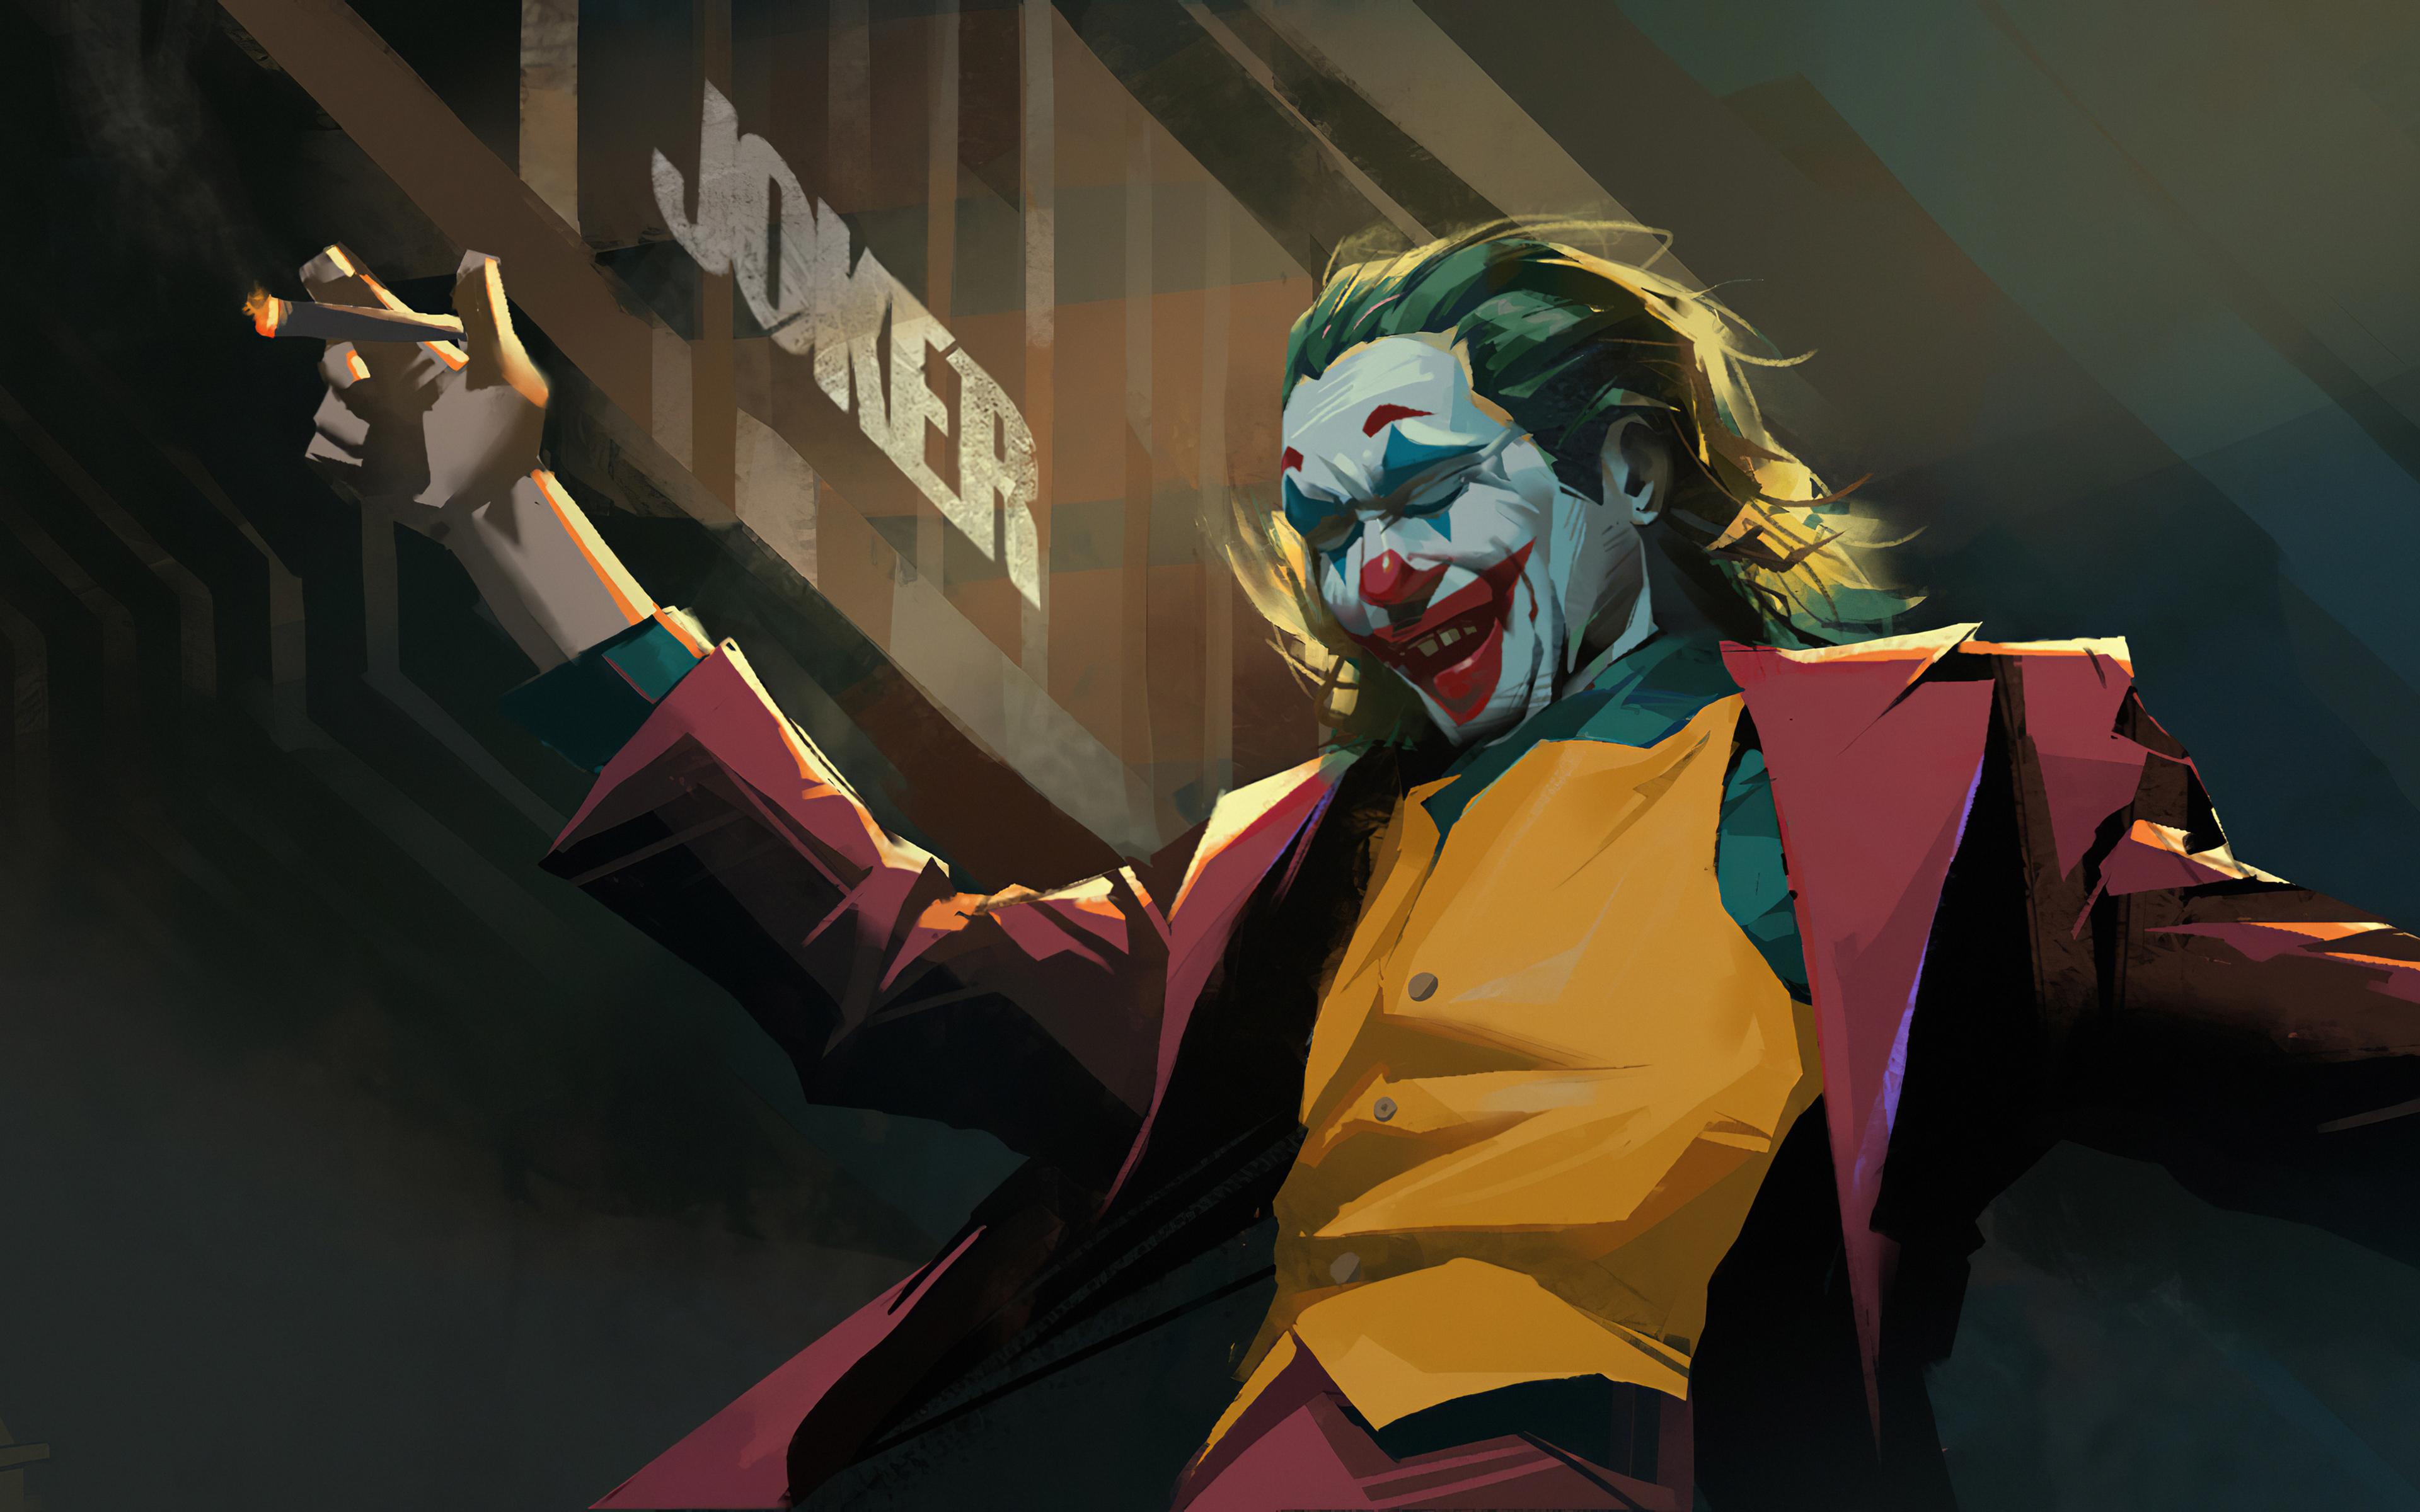 3840x2400 Joker Dance 4k 2020 4k HD 4k Wallpapers